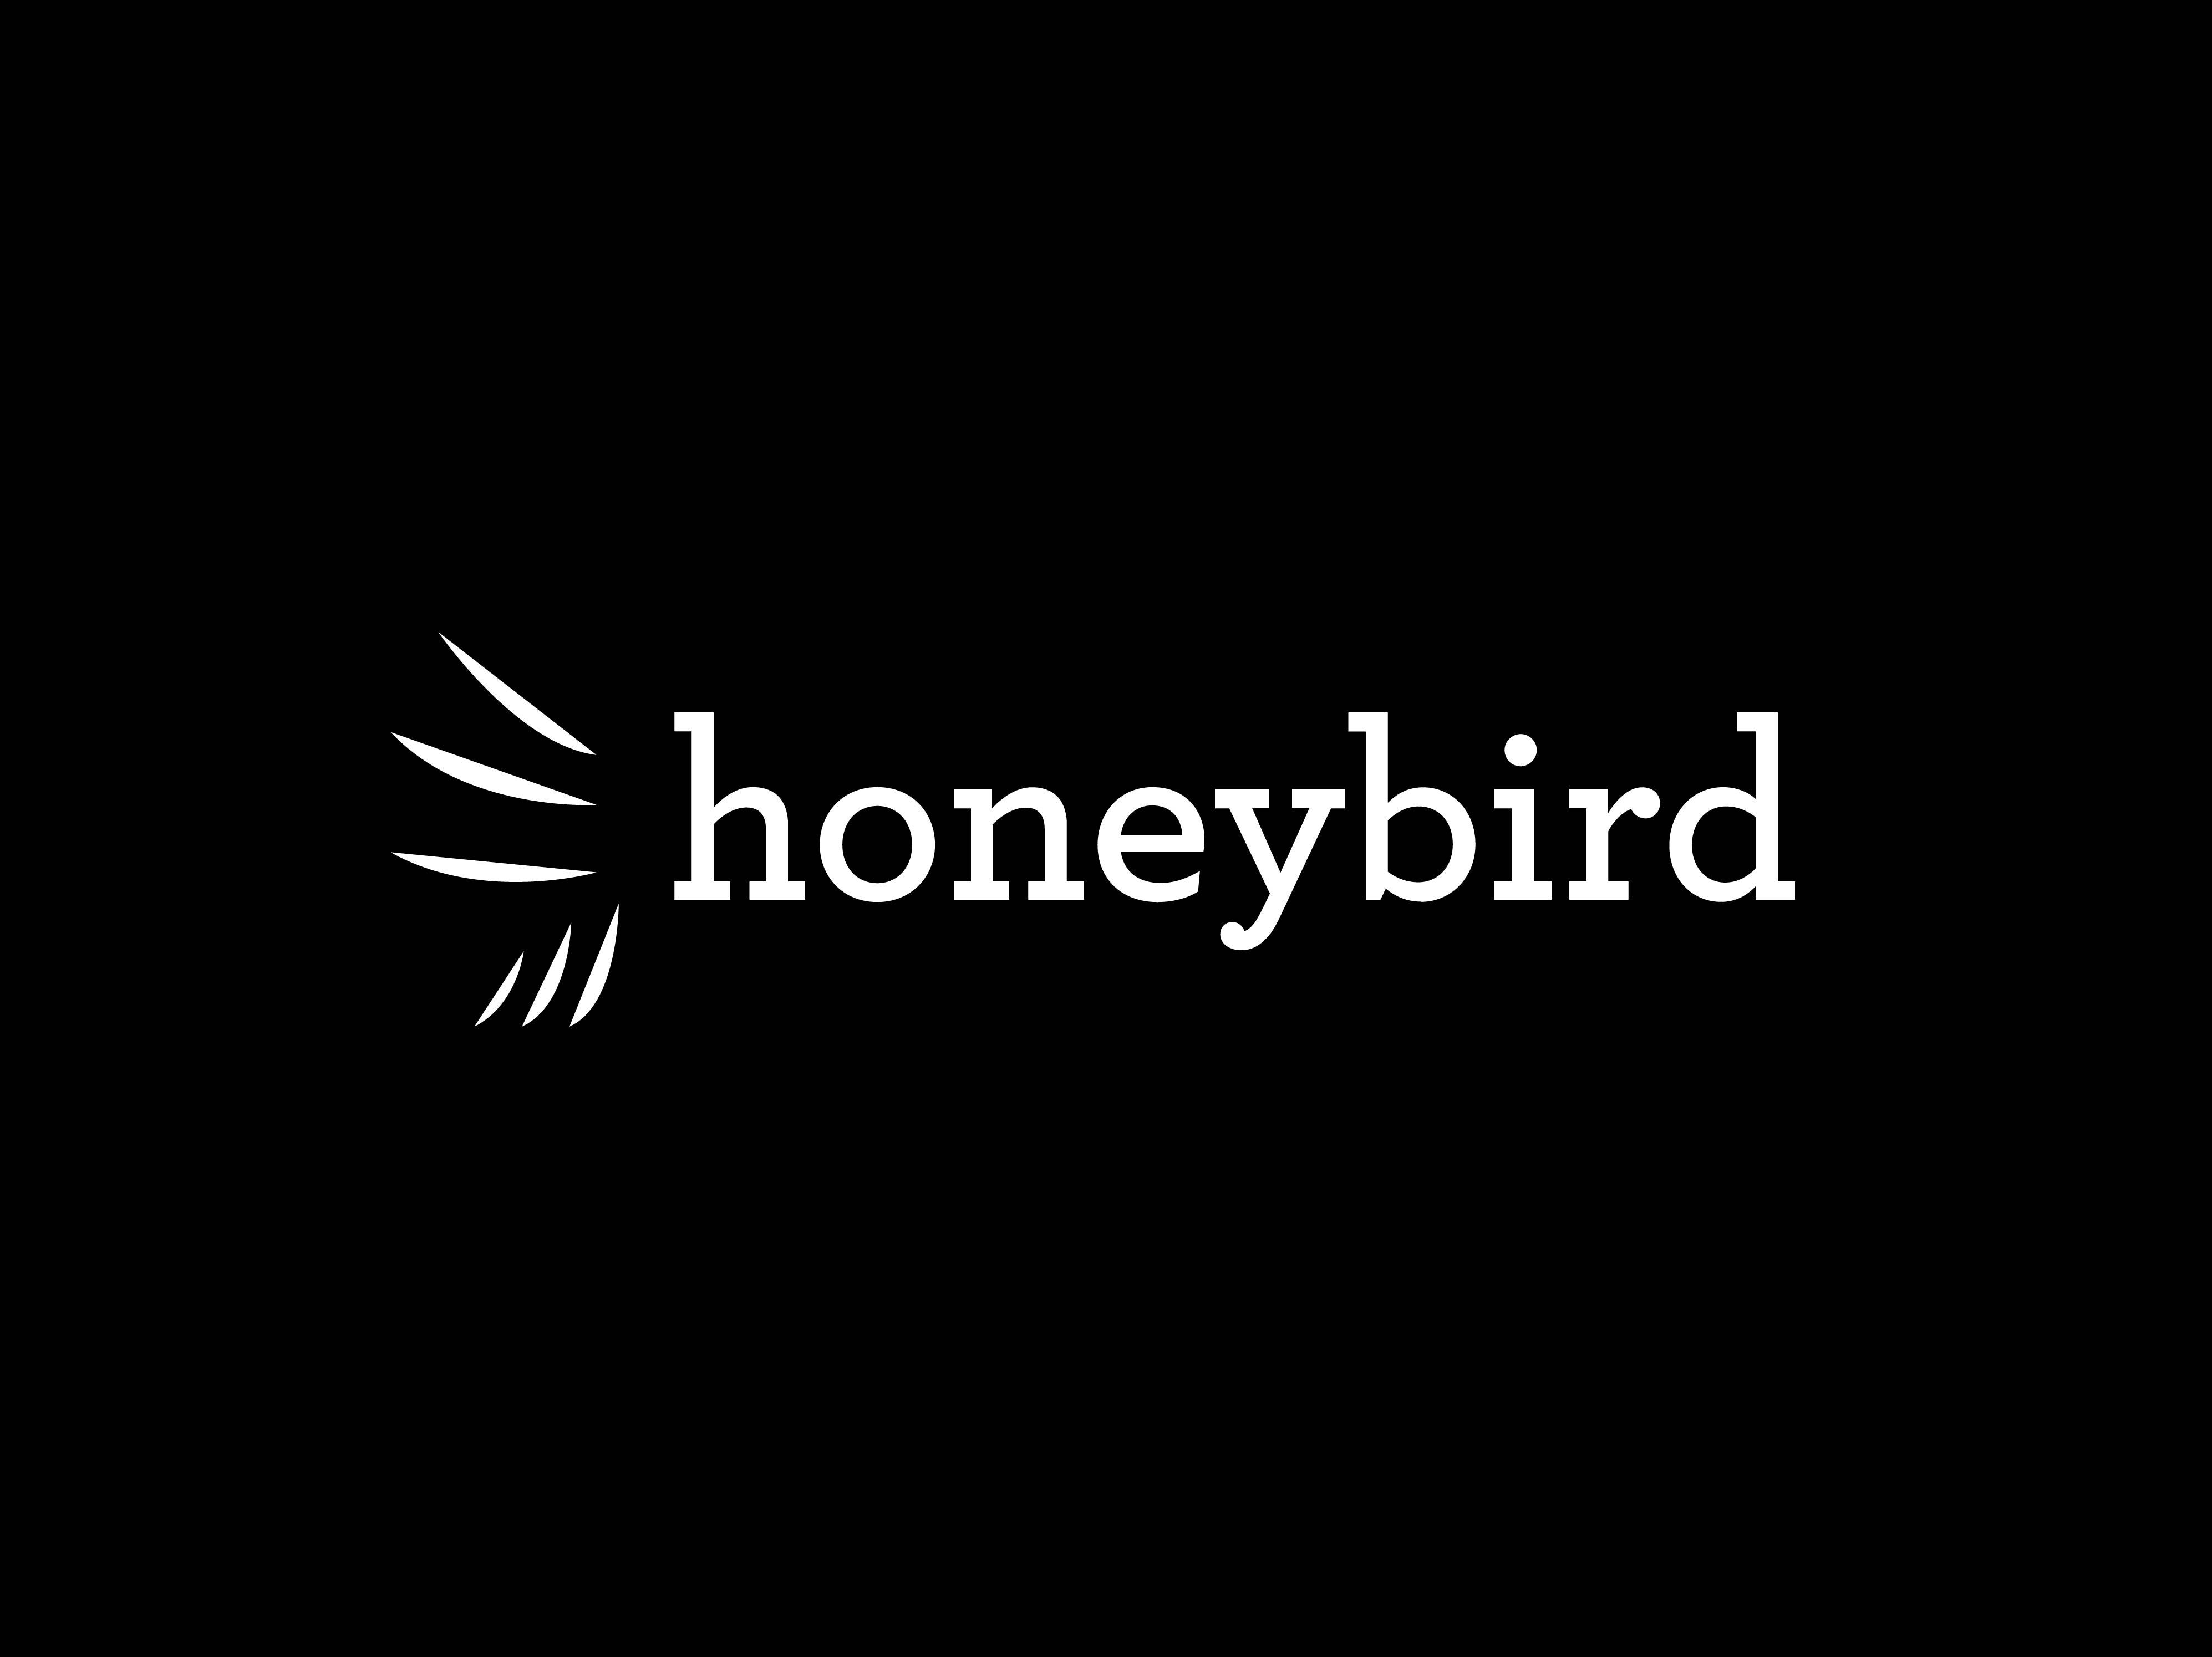 HoneybirdLogo